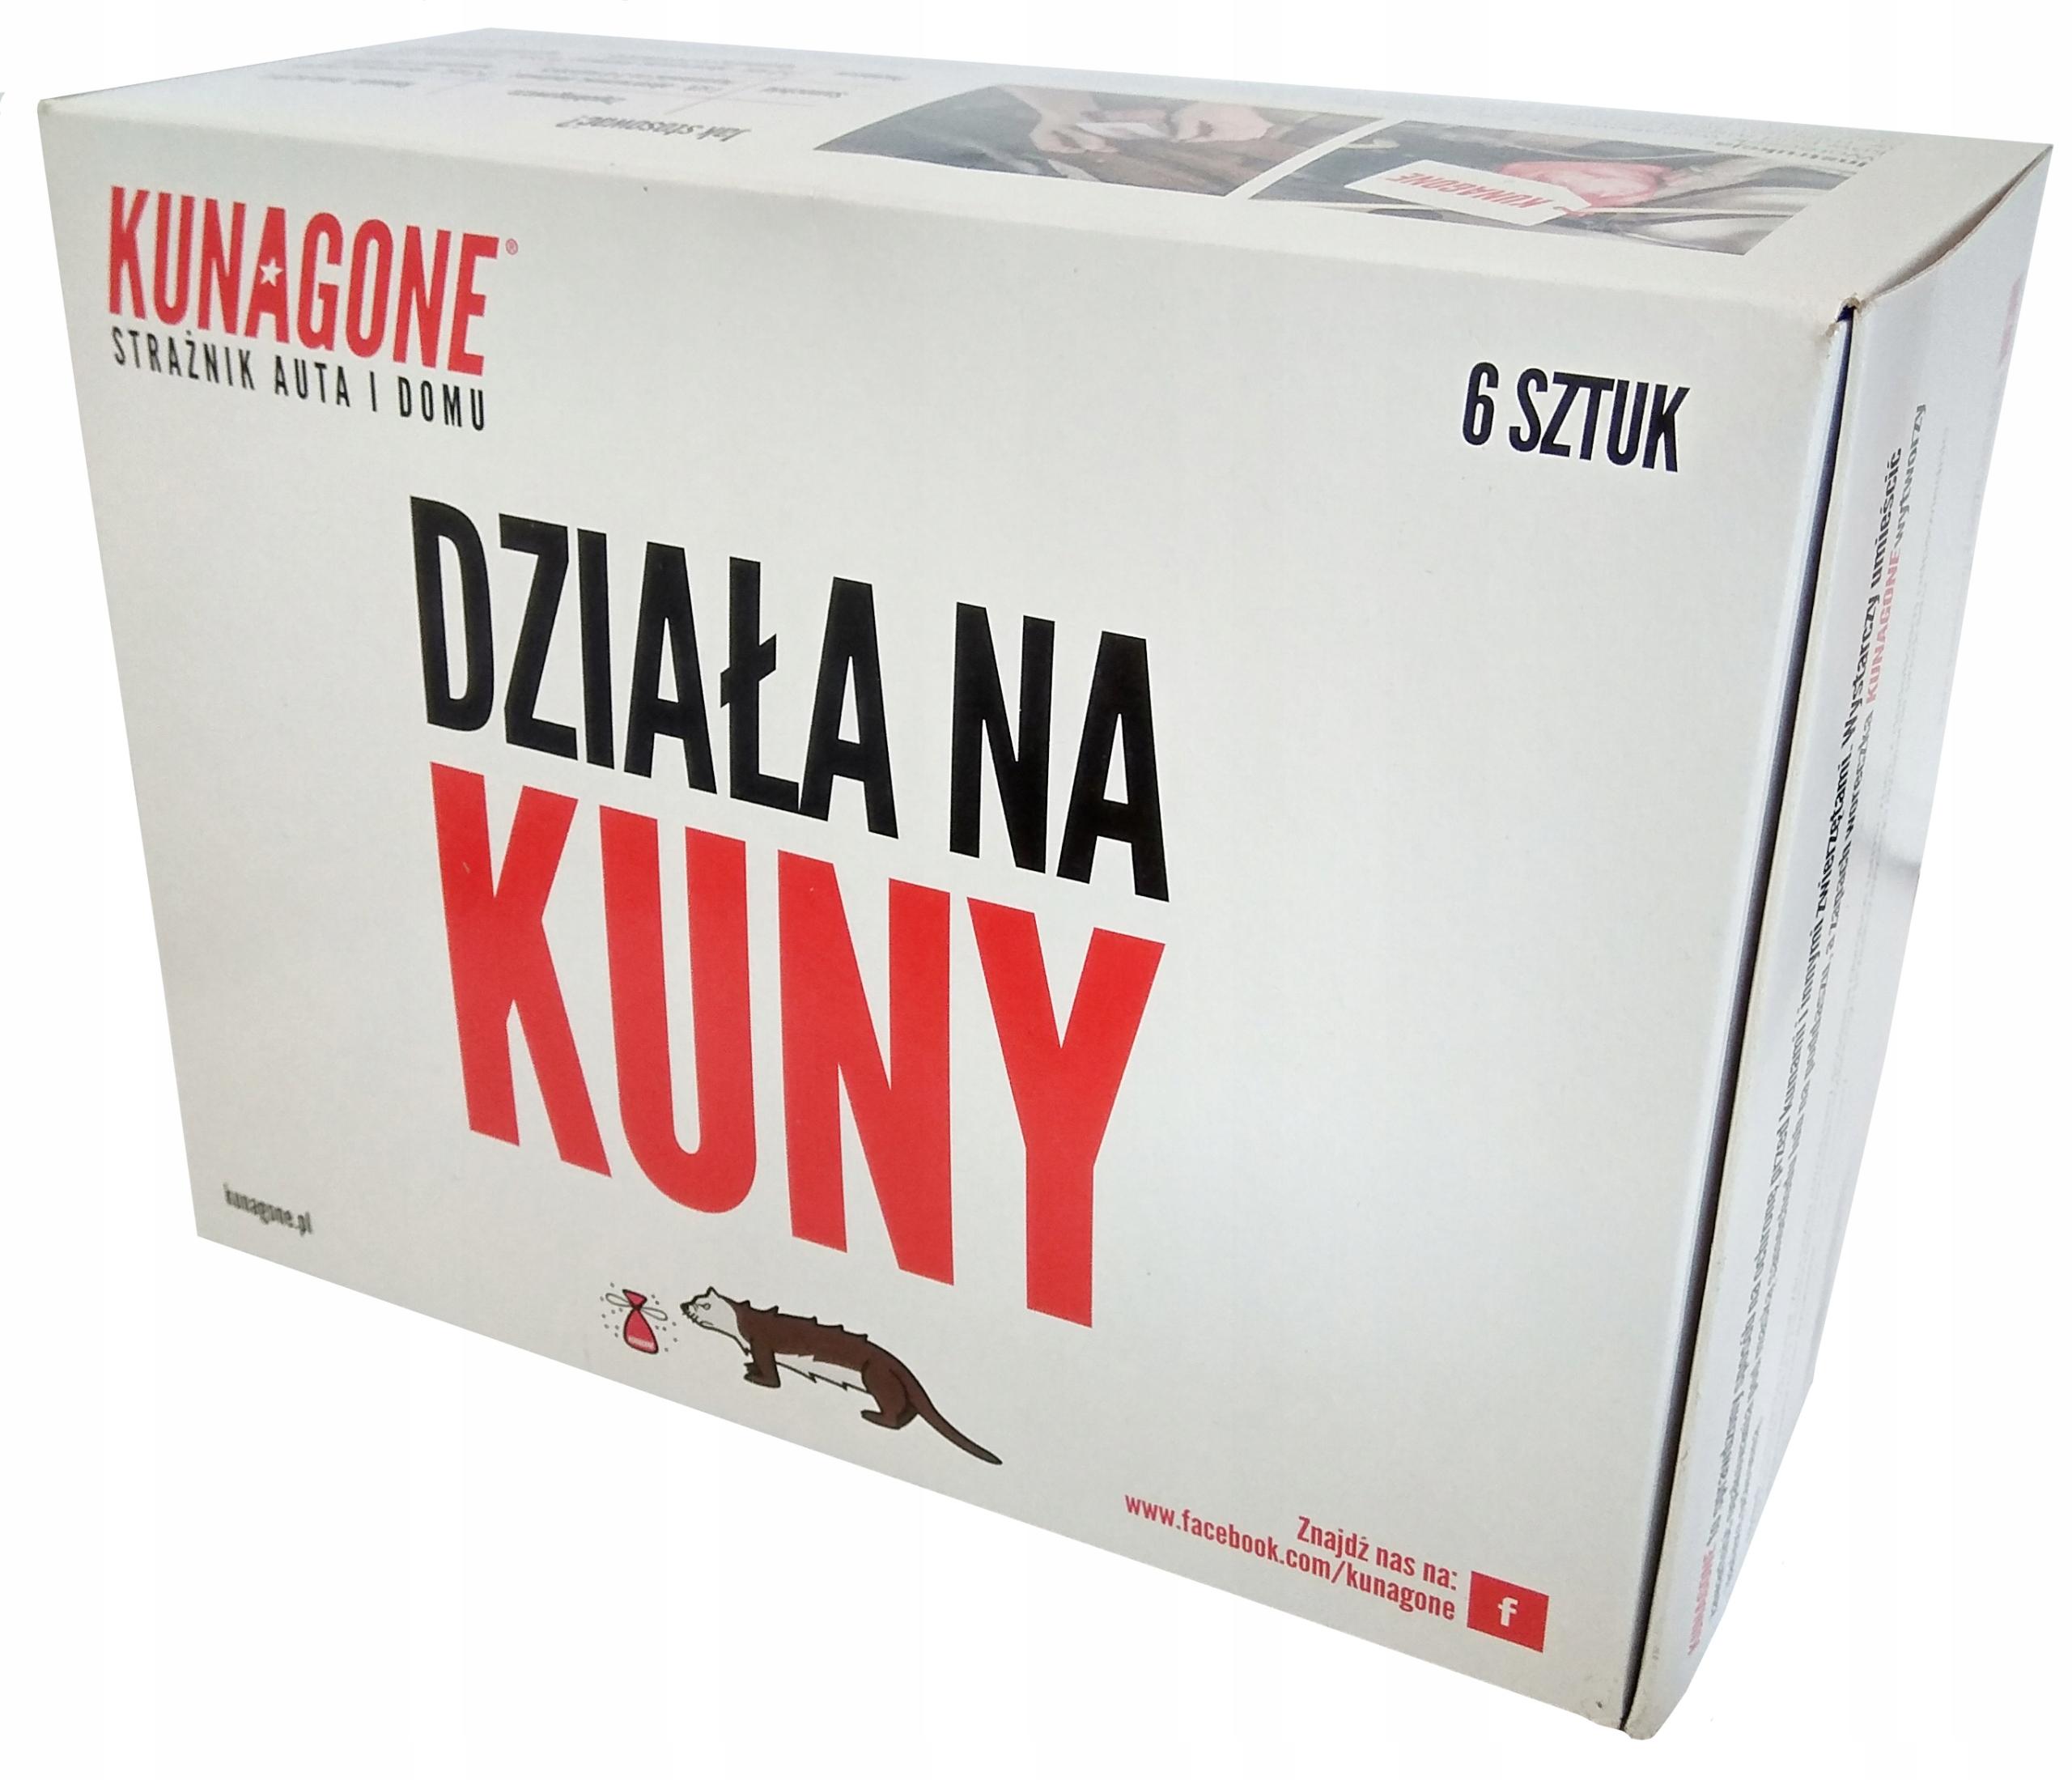 Zawieszki odstraszająca kuny KunaGone 6 sztuk Producent KunaGone